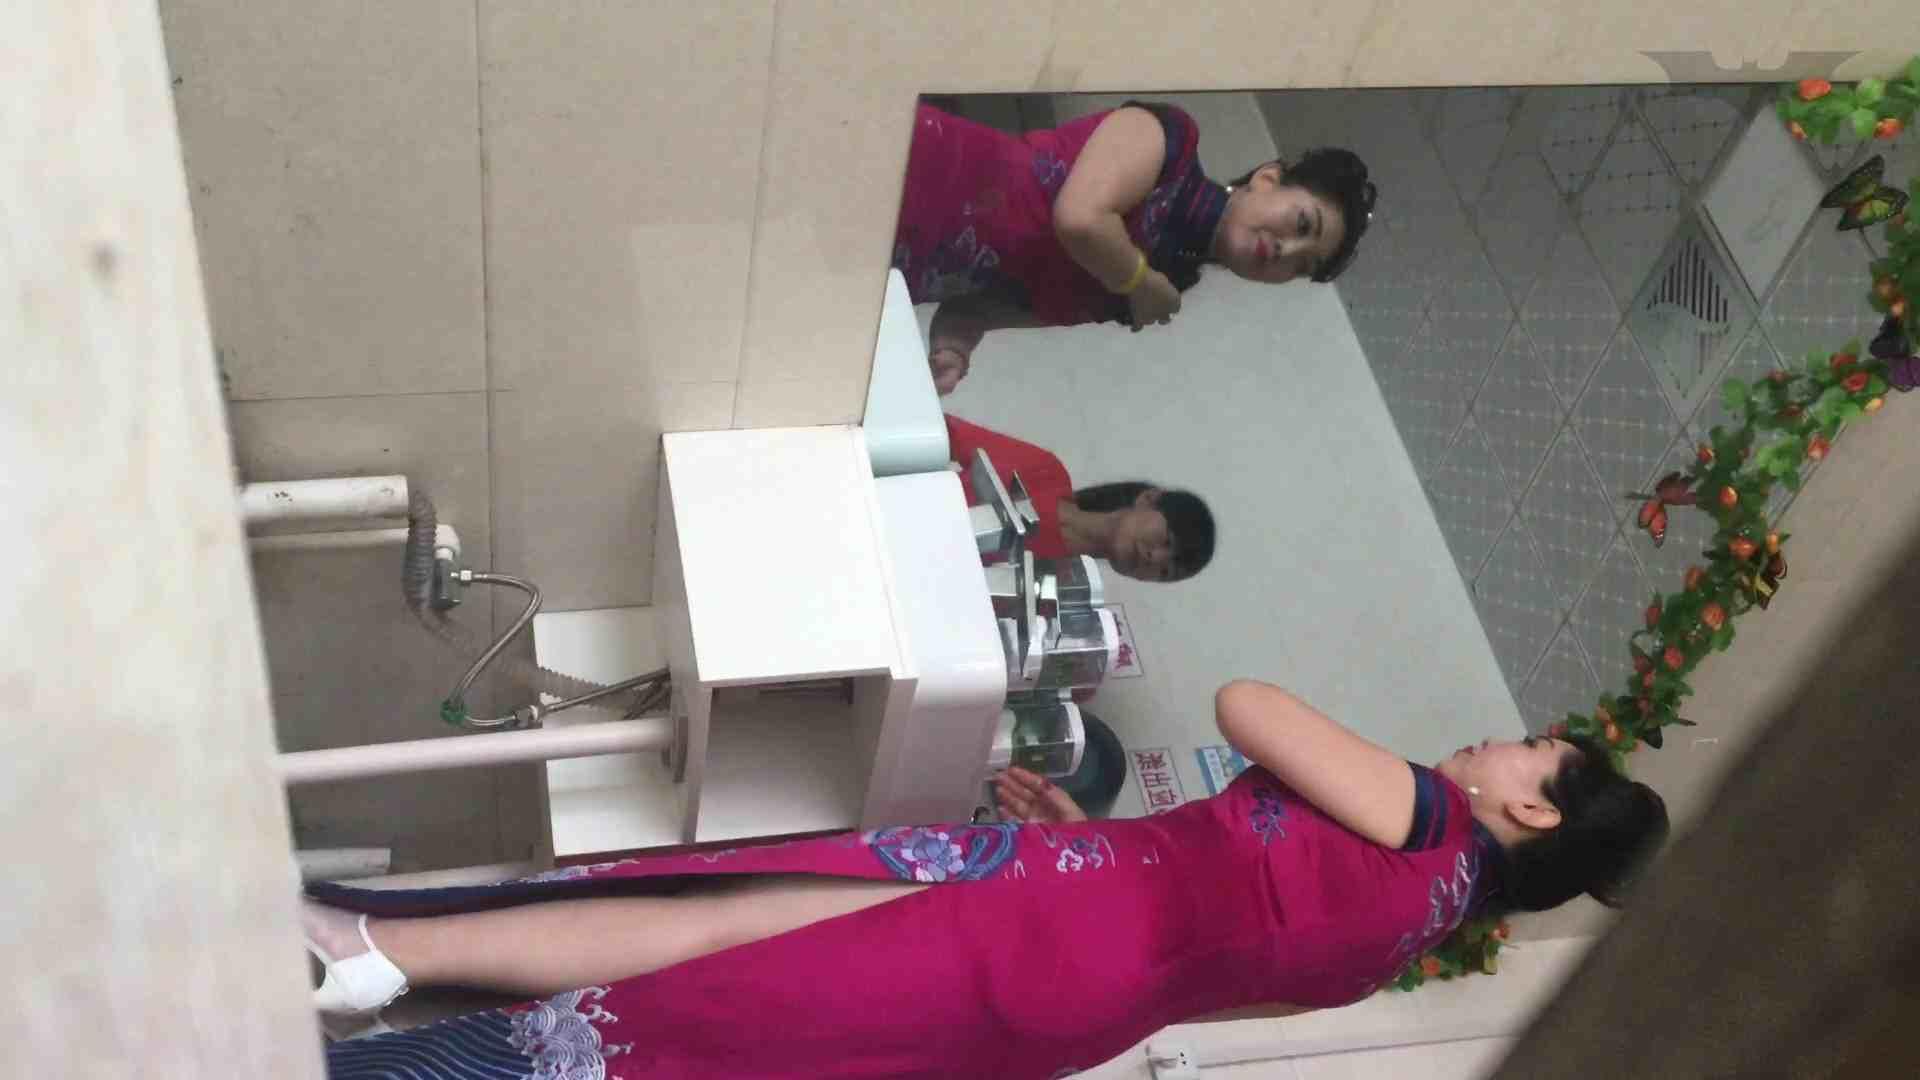 芸術大学ガチ潜入盗撮 JD盗撮 美女の洗面所の秘密 Vol.107 洗面所のぞき AV無料 111枚 46